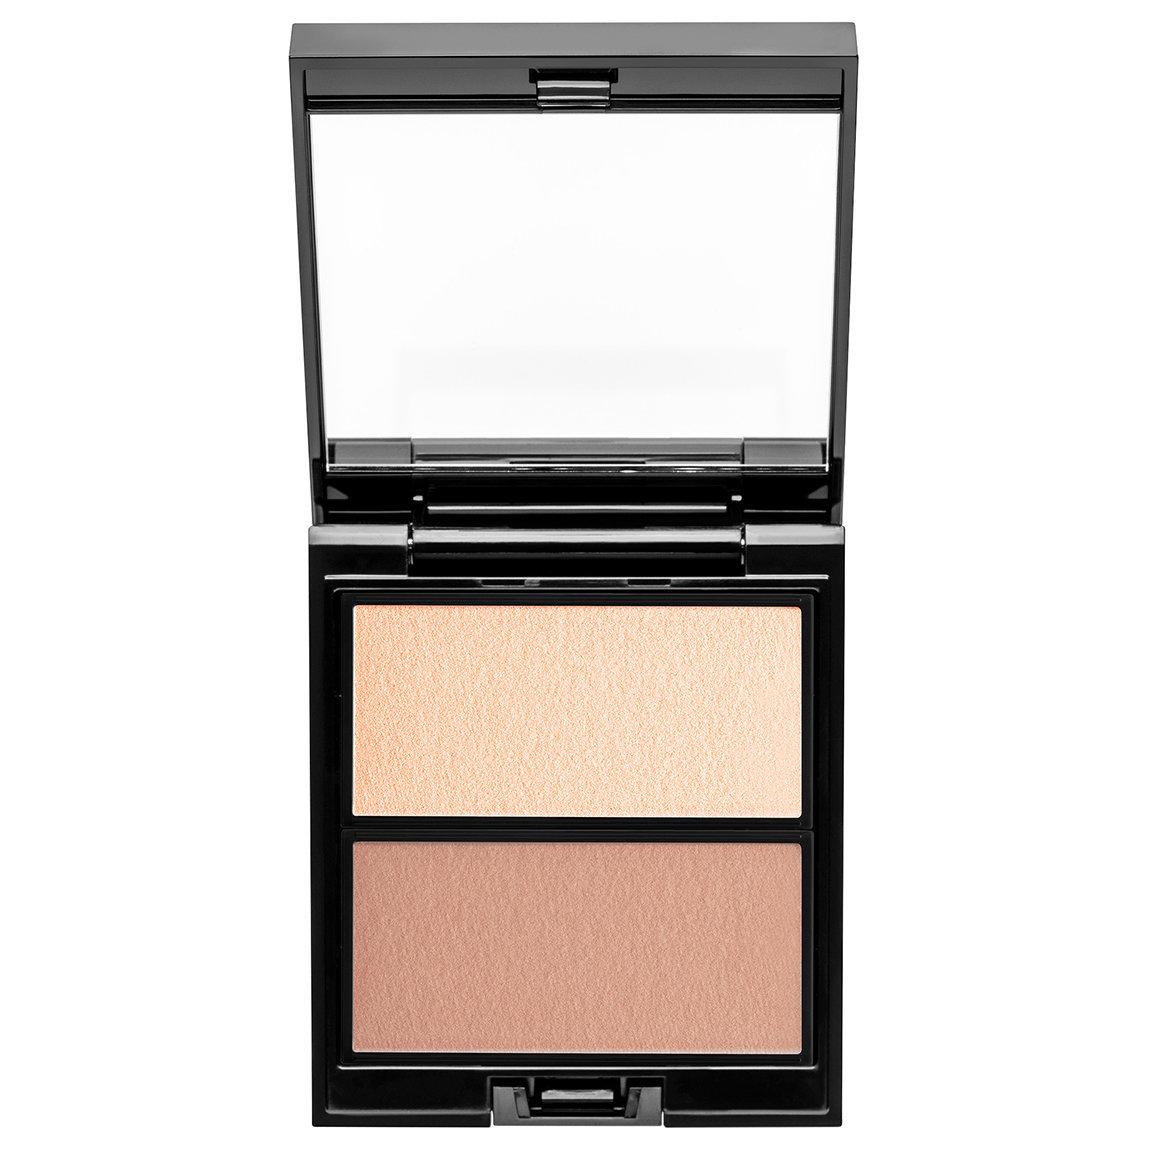 Surratt Beauty Les Soleils Coup de Genie Palette alternative view 1 - product swatch.